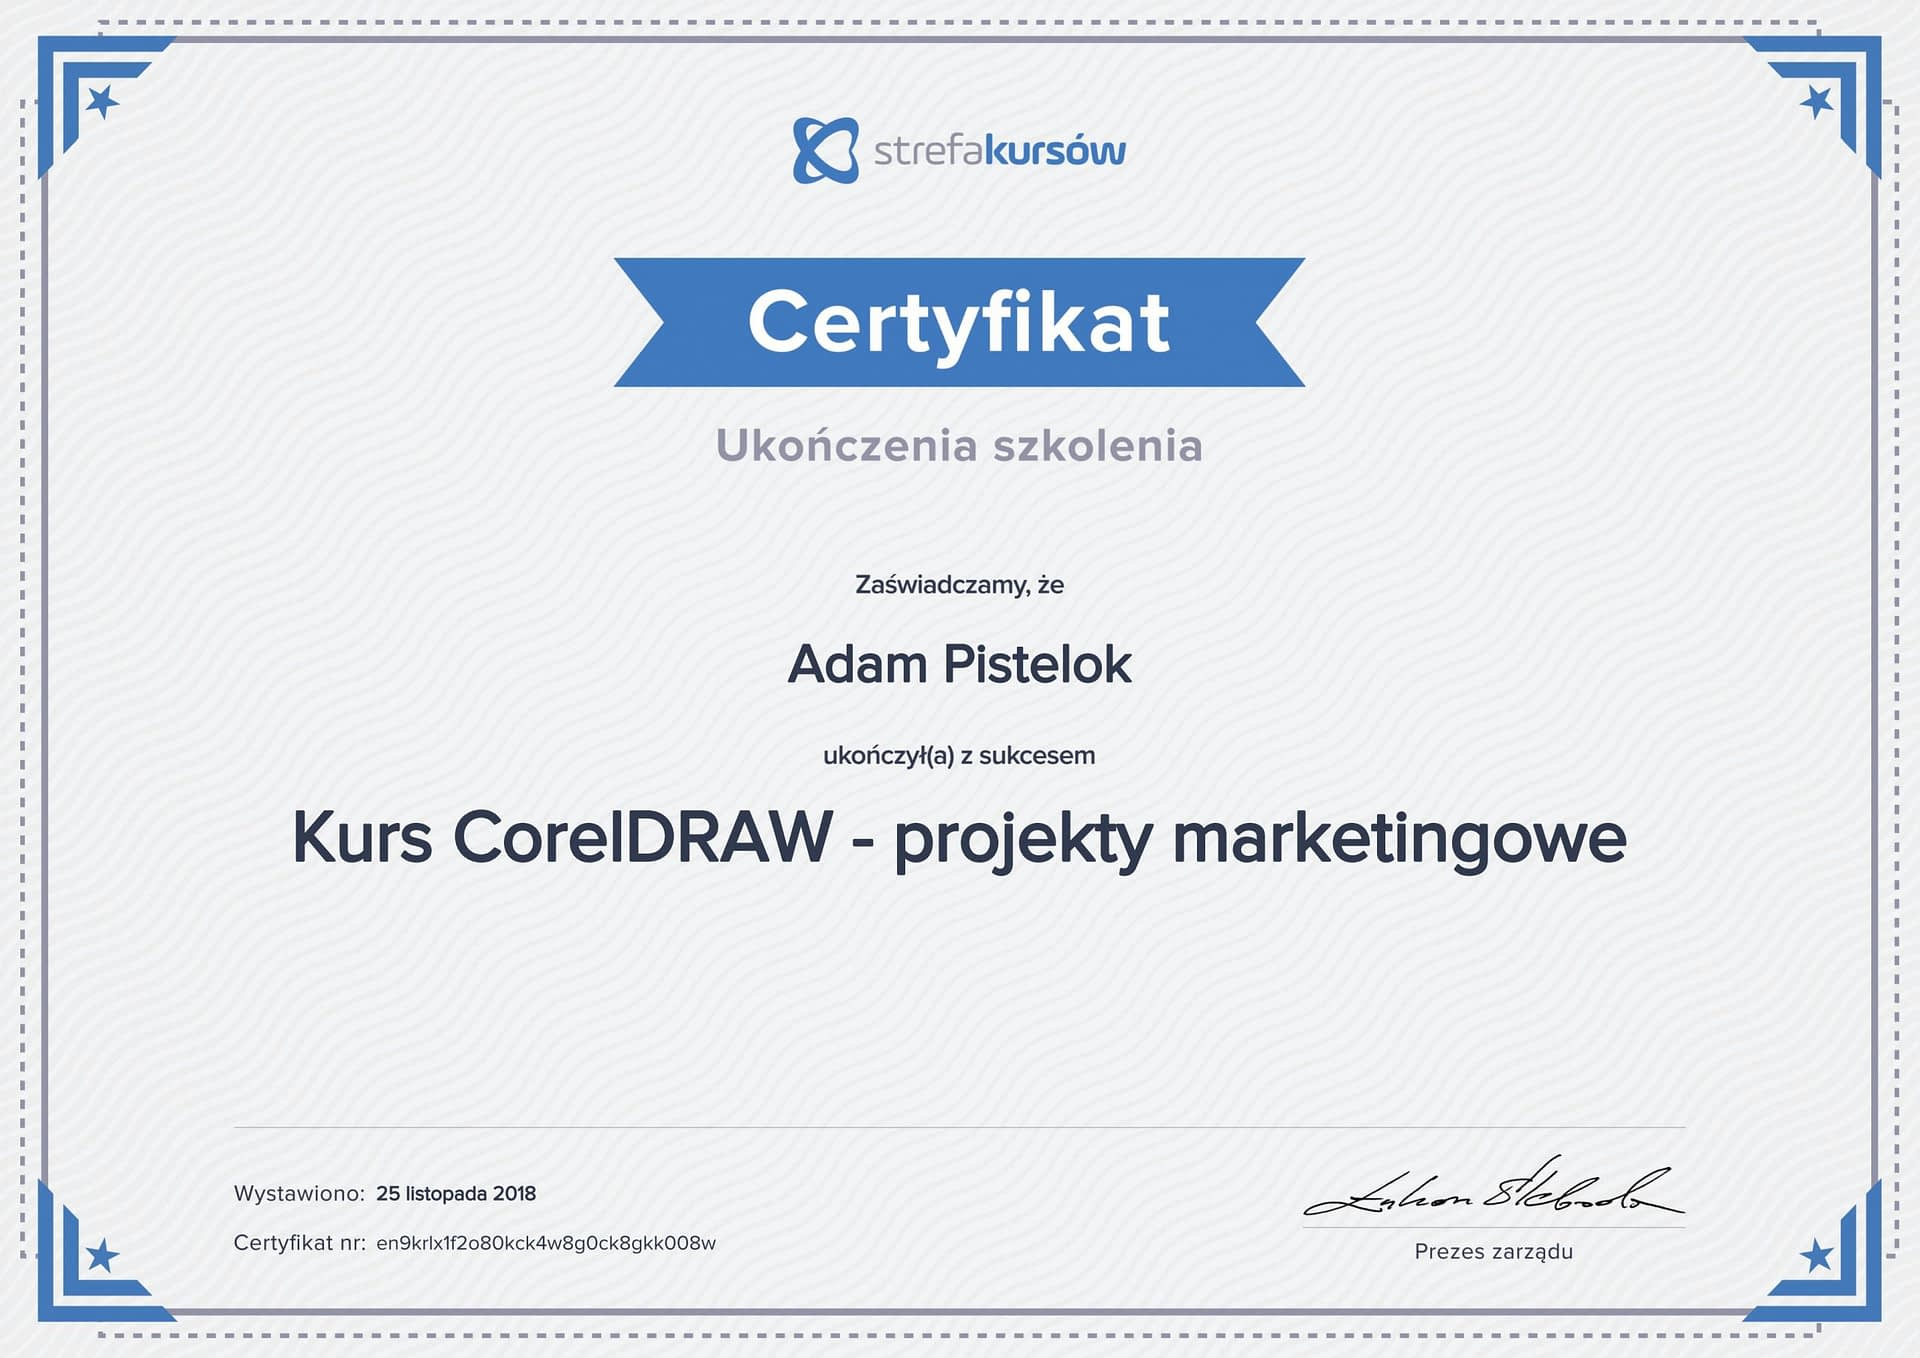 Corel draw projekty marketingowe